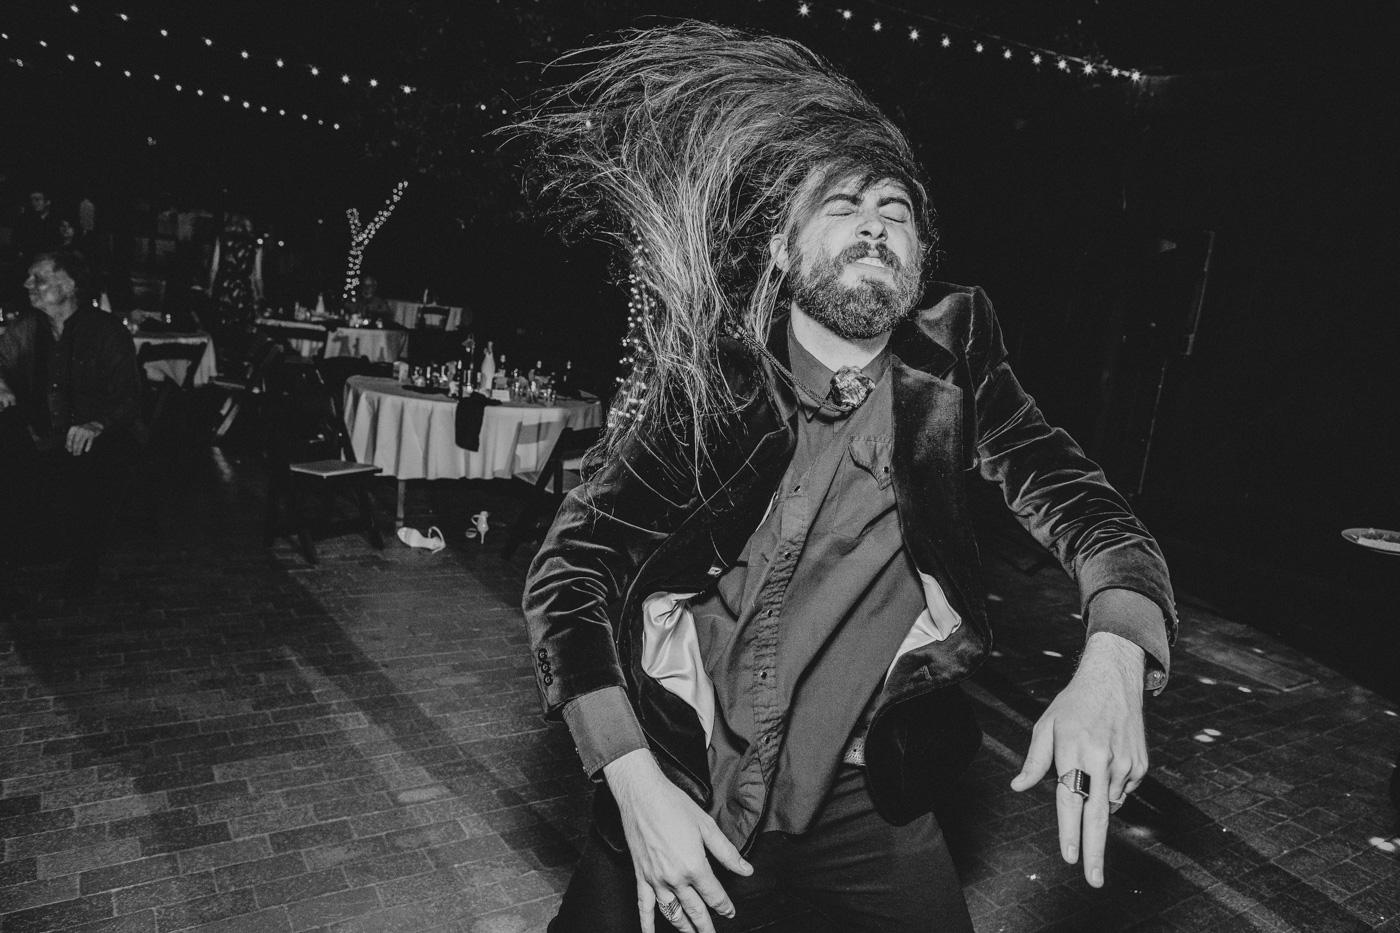 fun-dancing-wedding-photo-long-hair